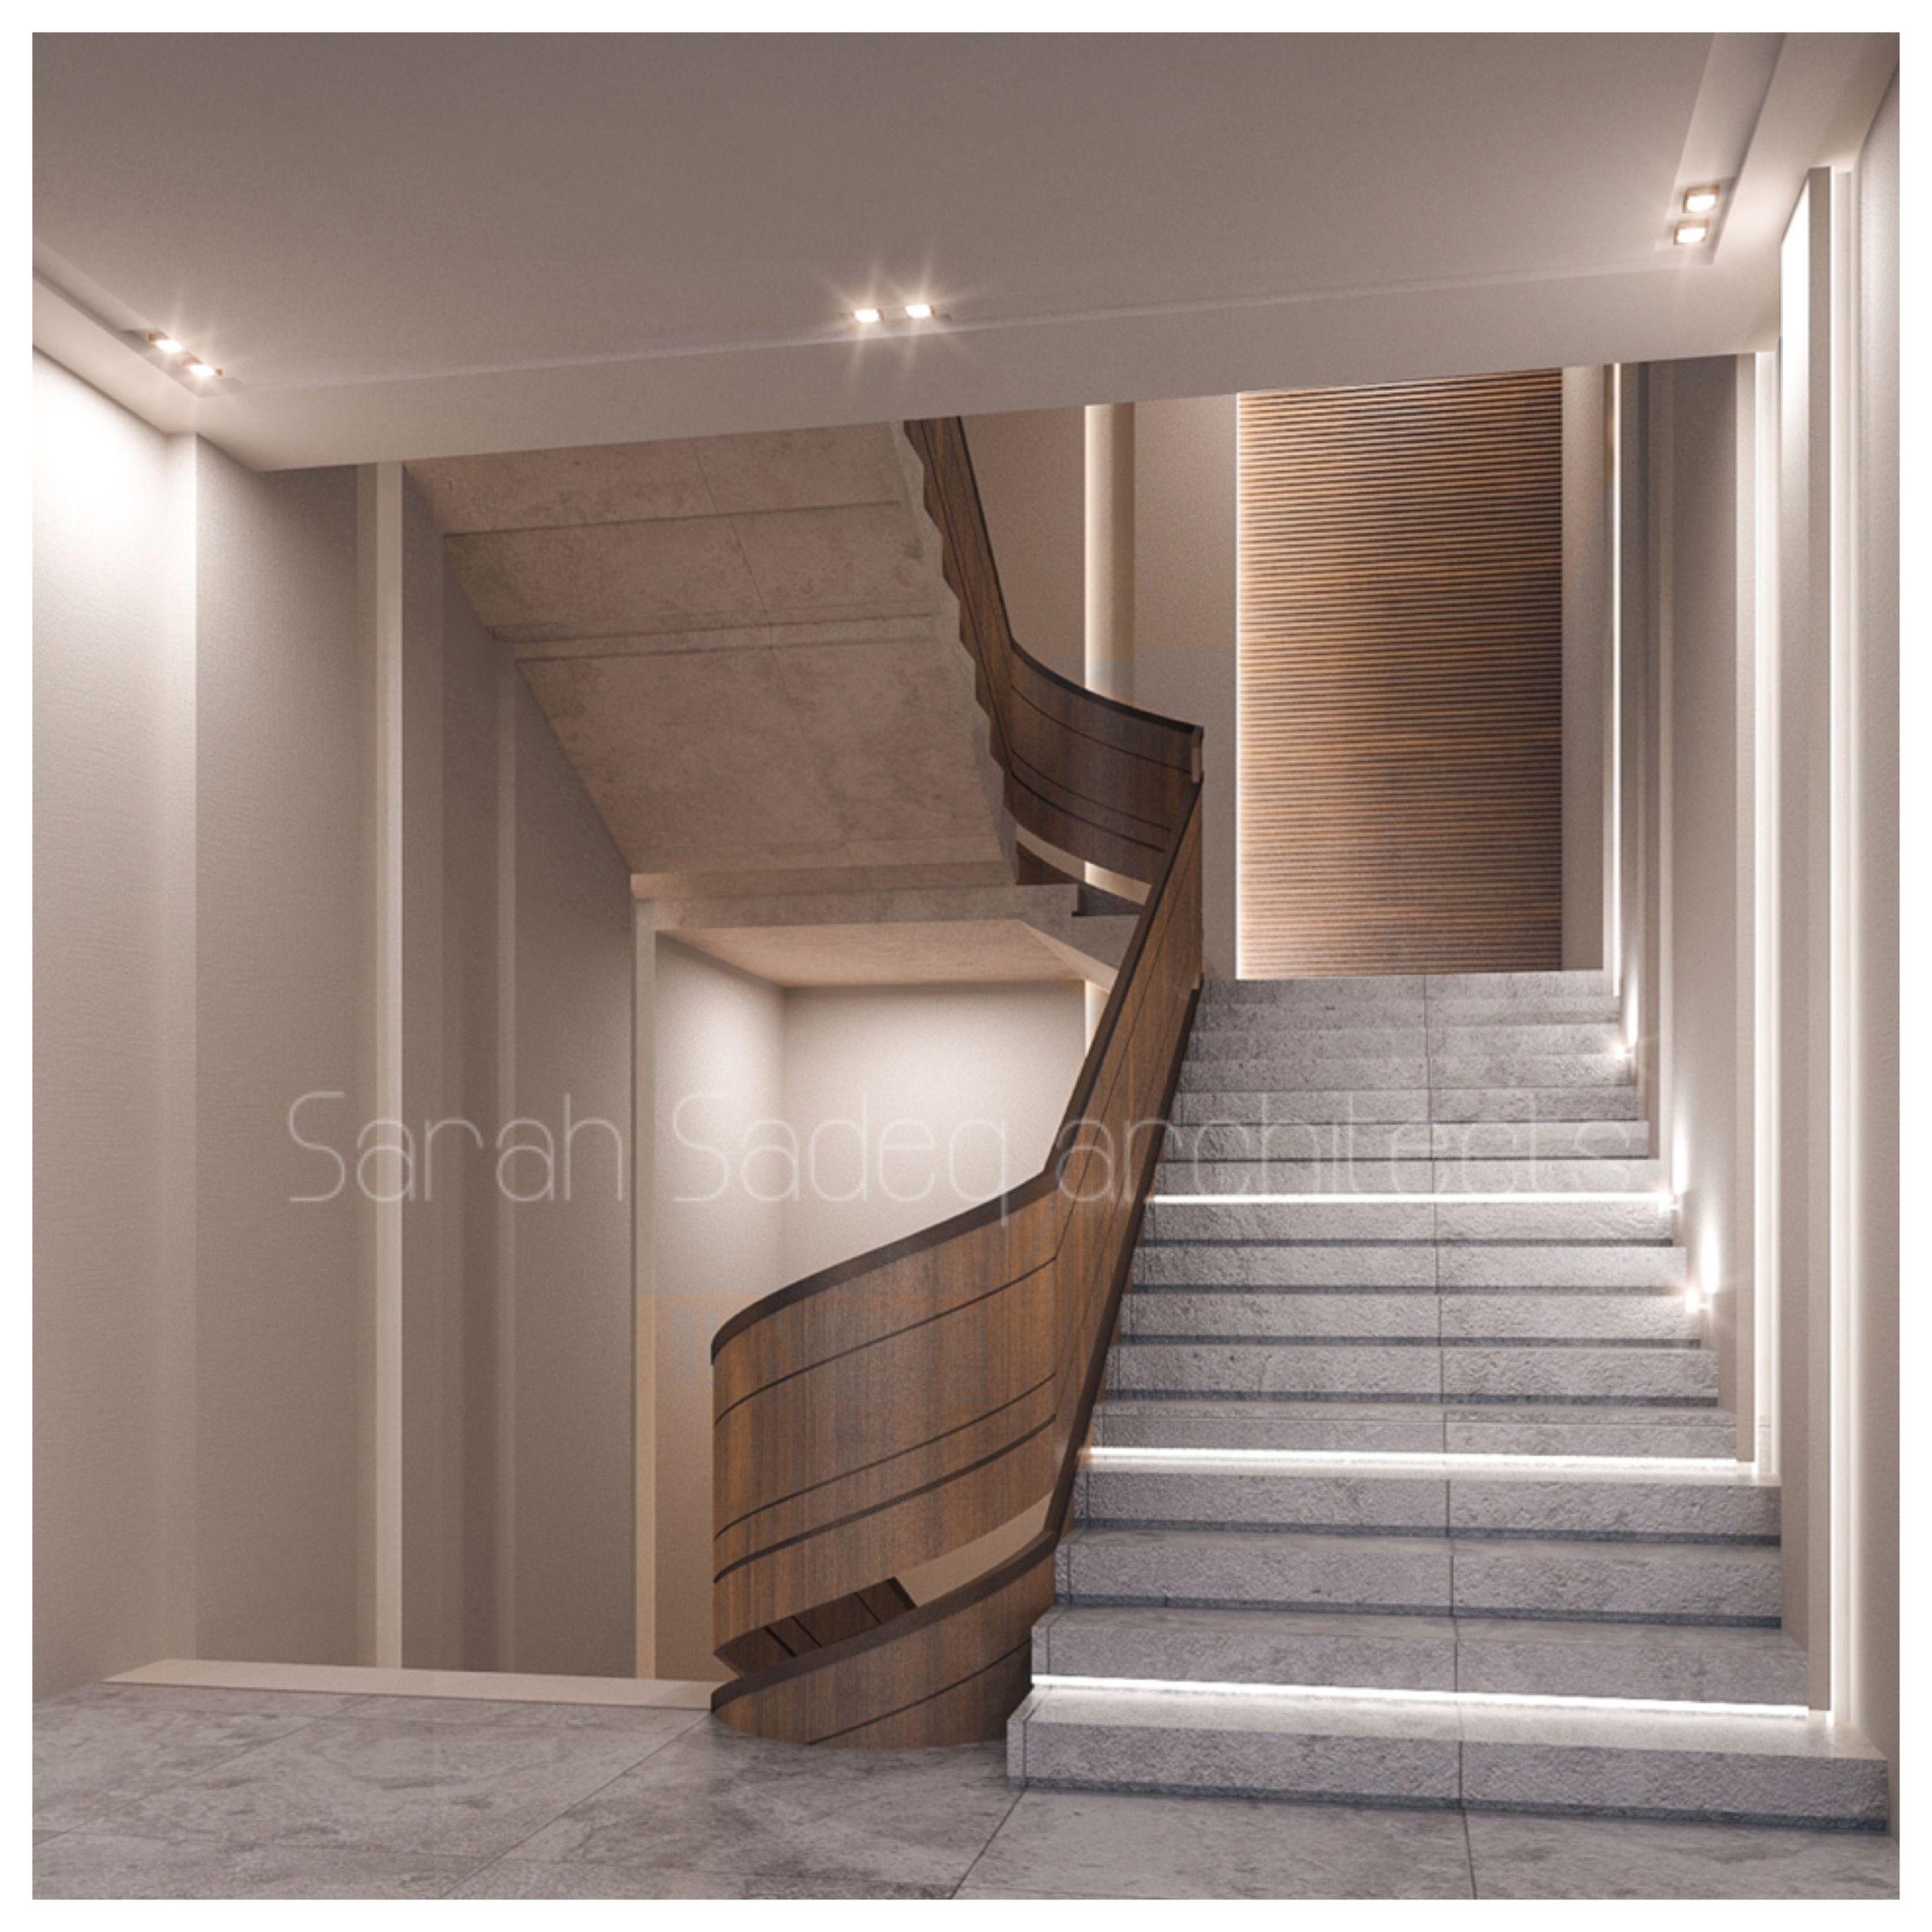 Interior Private Villa Sarah Sadeq Architects Kuwait